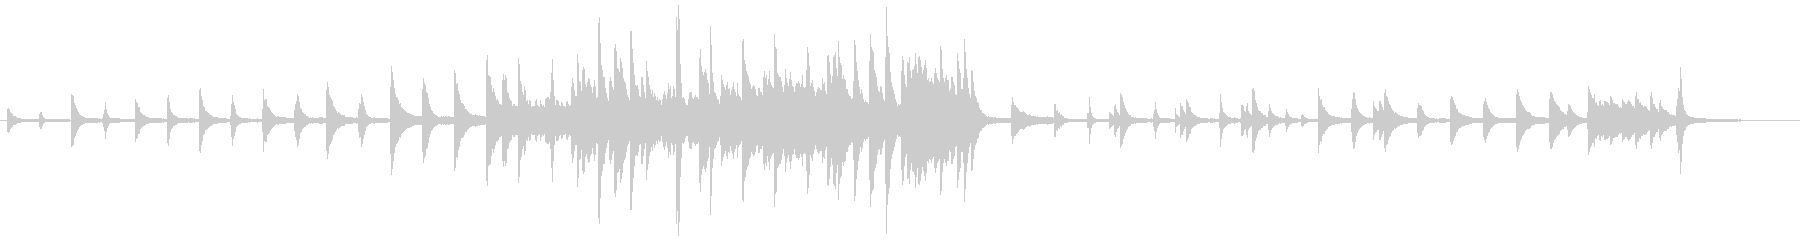 癒される、温かみのあるピアノソロの未再生の波形